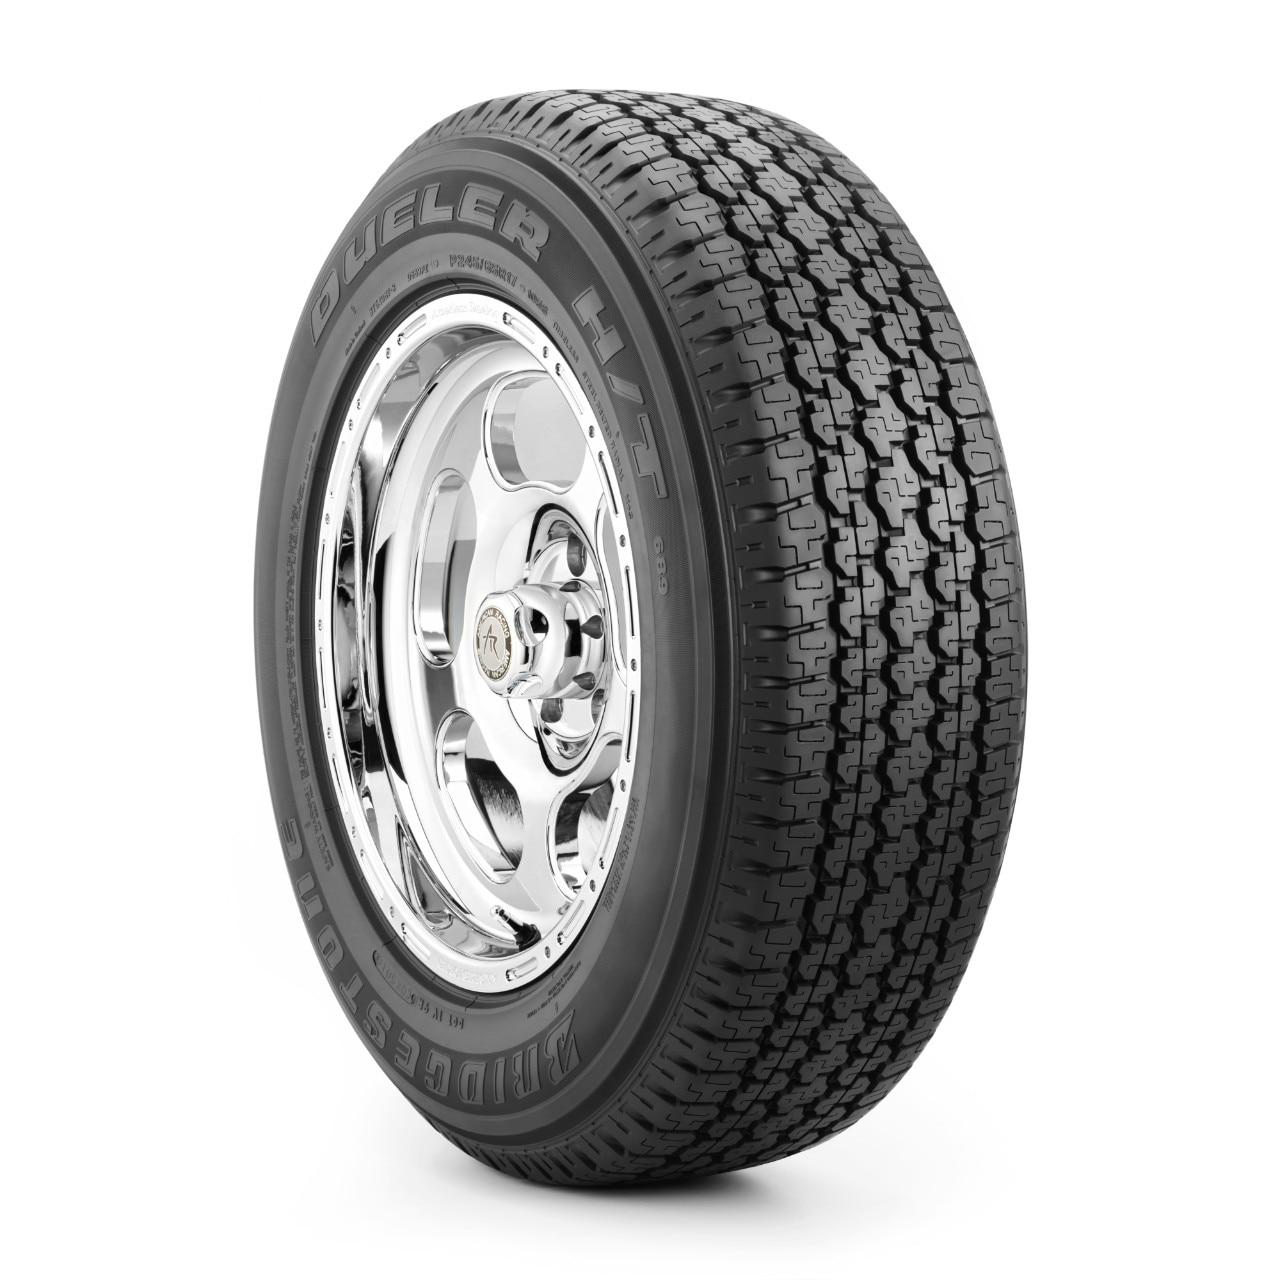 Bridgestone Tires Reviews Consumer Reports Autos Post